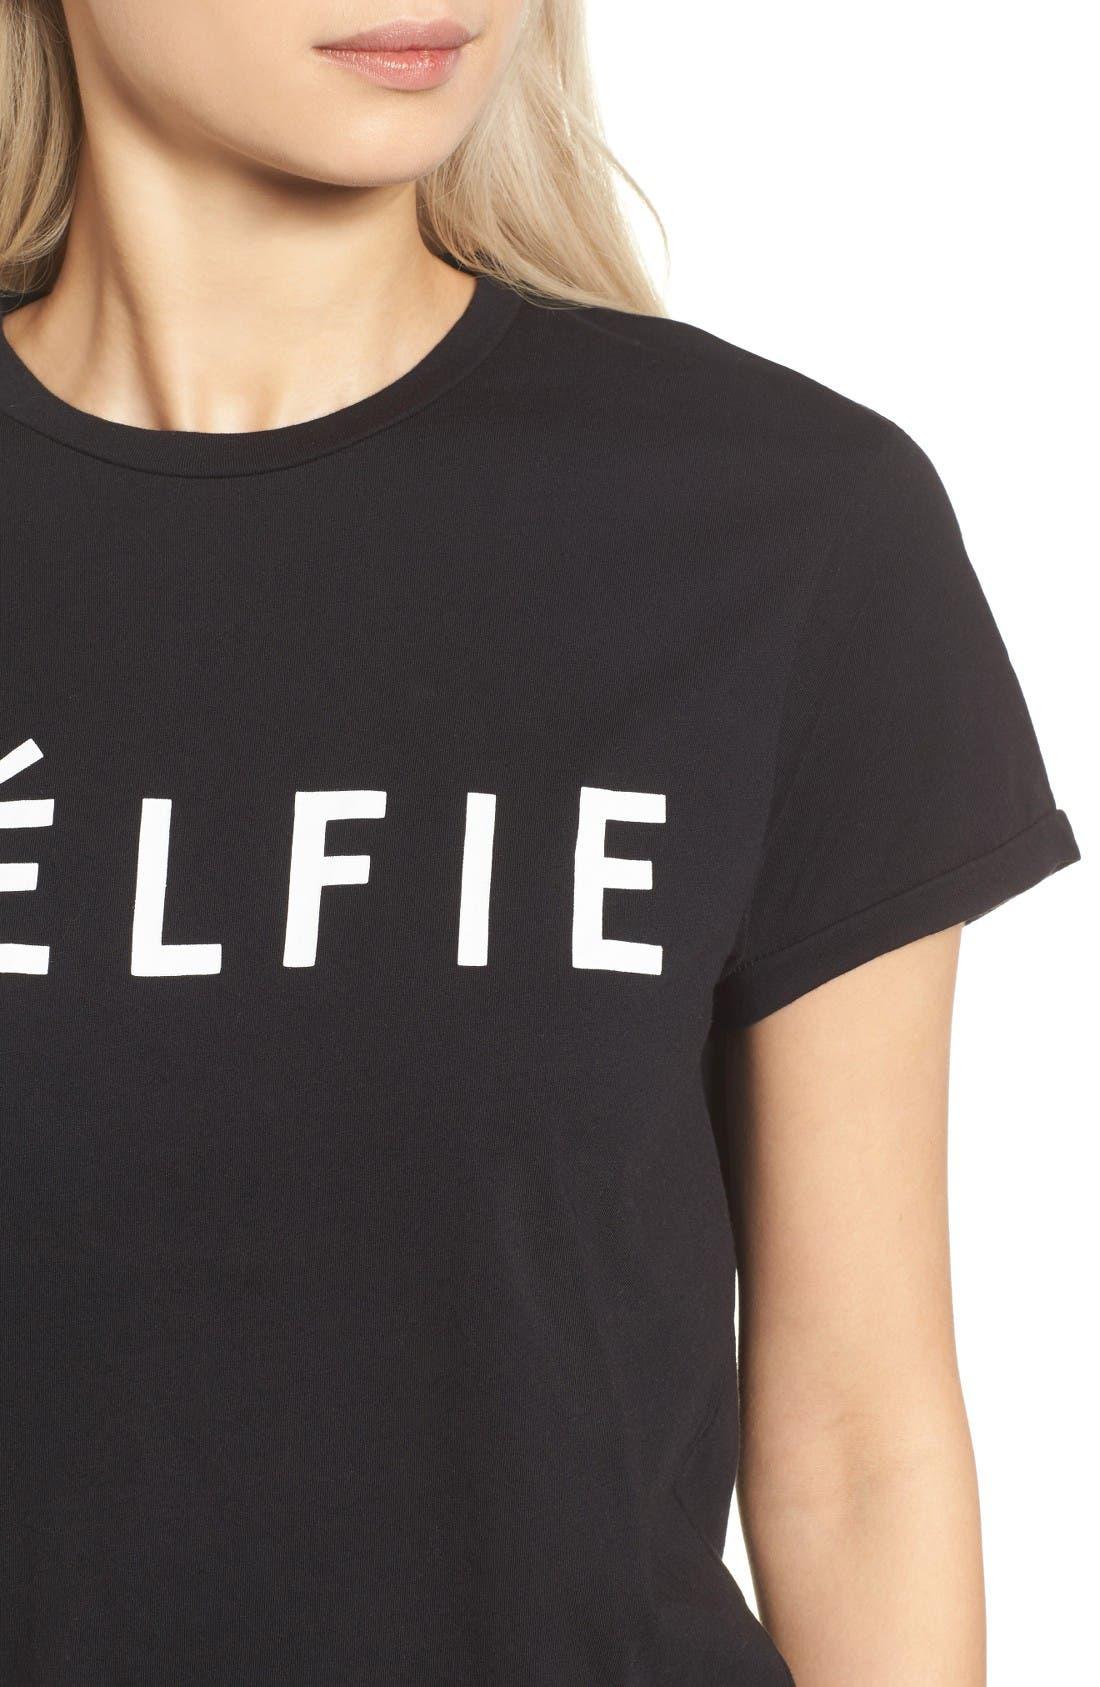 'Célfie' Graphic Tee,                             Alternate thumbnail 4, color,                             Black